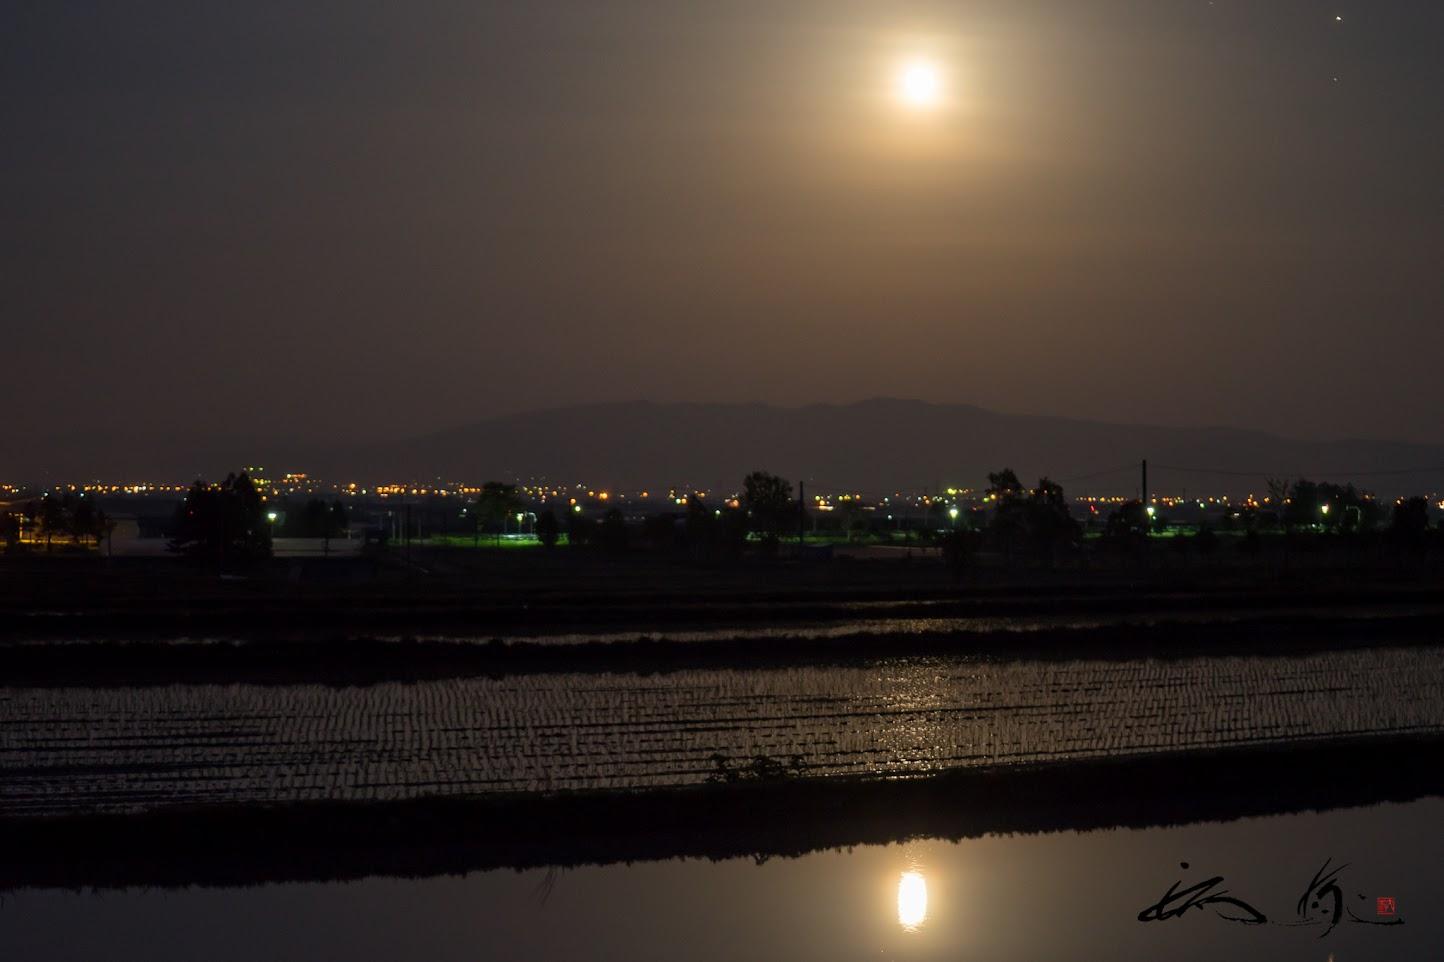 繭玉のように輝く、水田に映り込む満月のゆらぎ